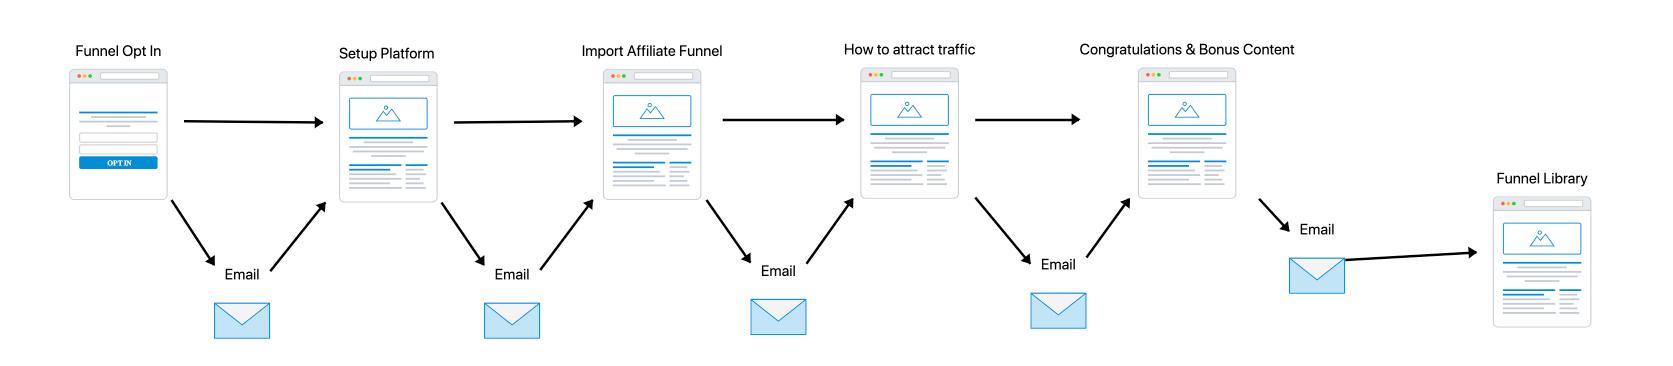 Demand generation funnel email nurture steps